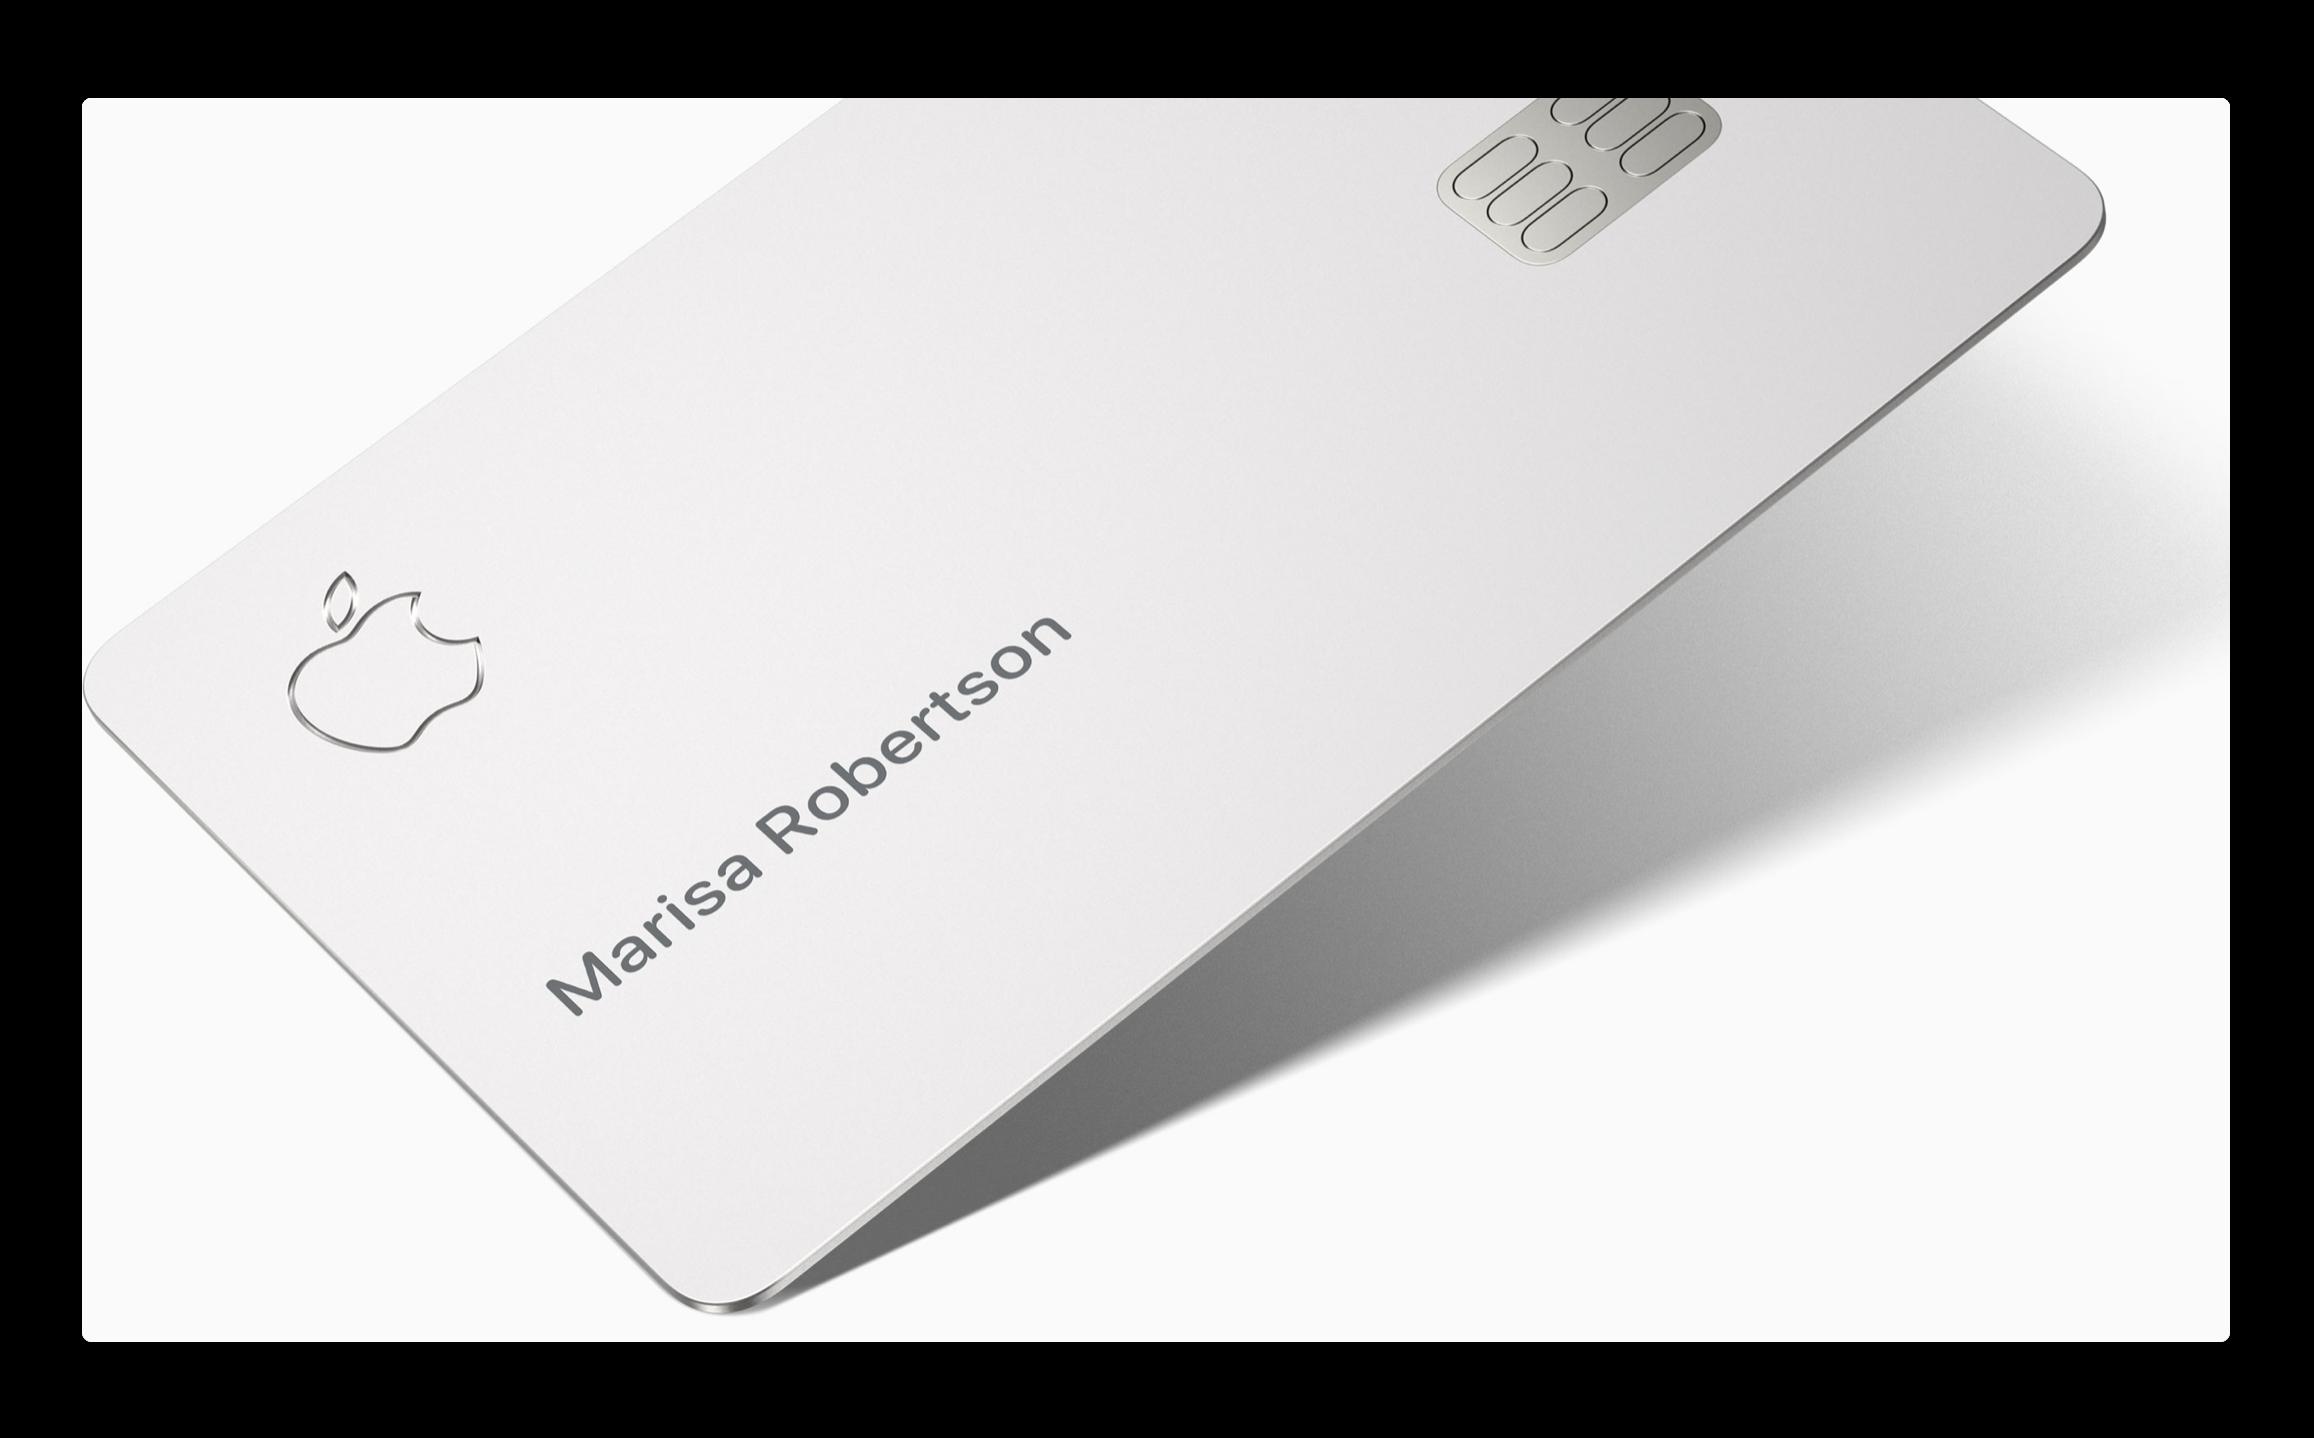 iPhoneユーザーはApple Cardを望んでいるとの調査結果